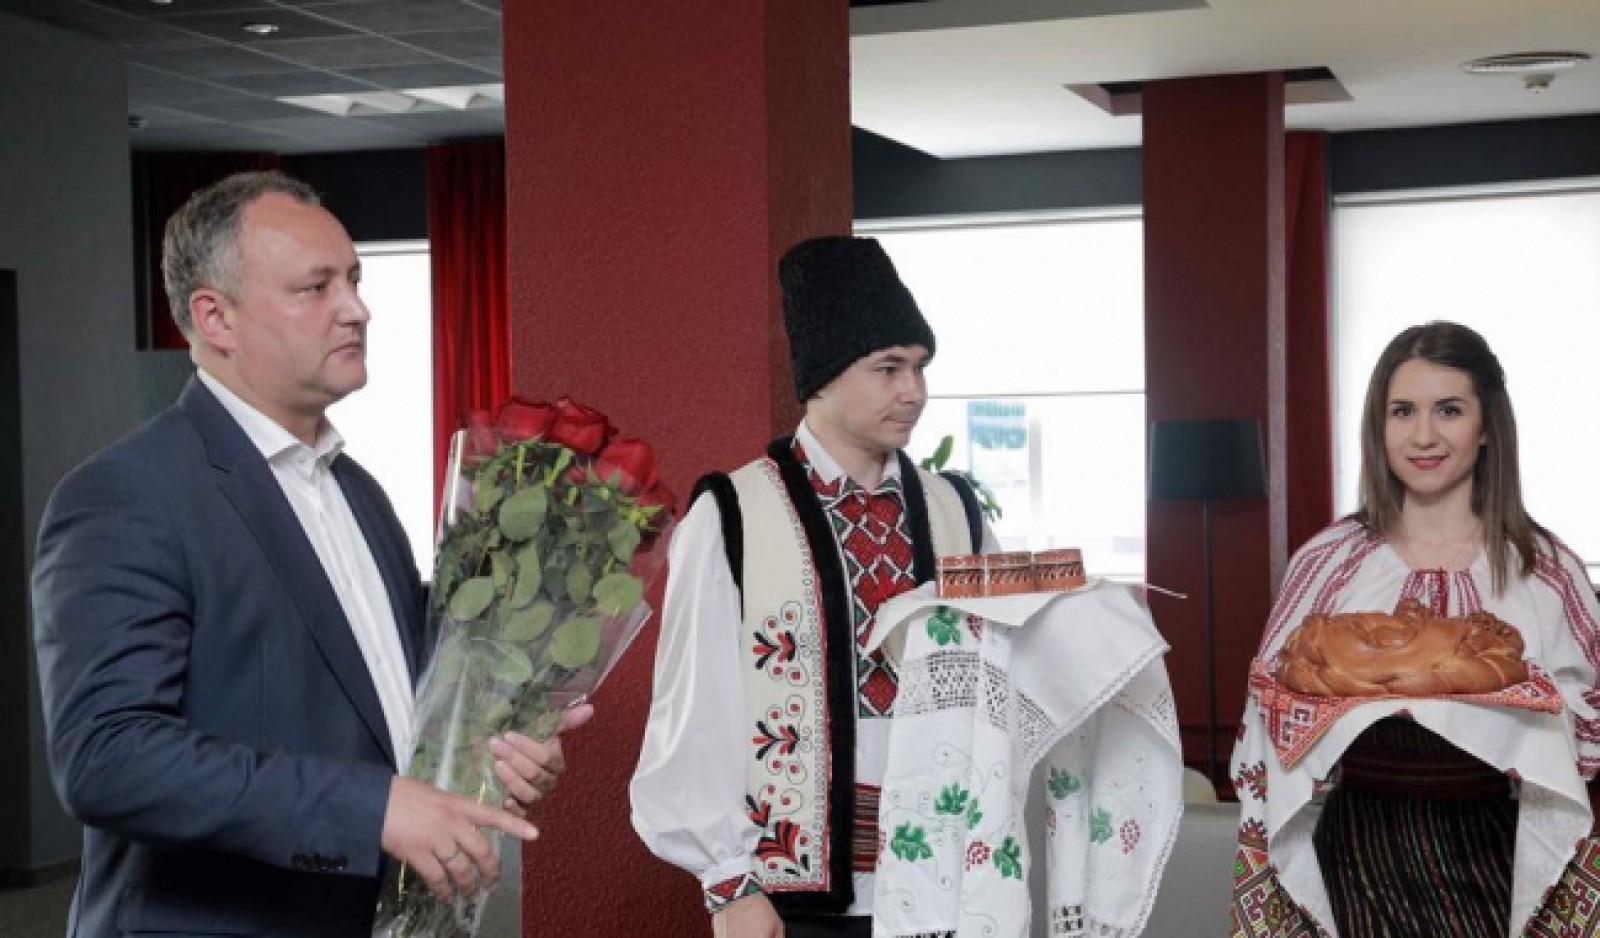 Cheltuielile de transport pentru oficialii și delegațiile străine invitate de Dodon, Candu sau Filip vor fi achitate din bugetul de stat